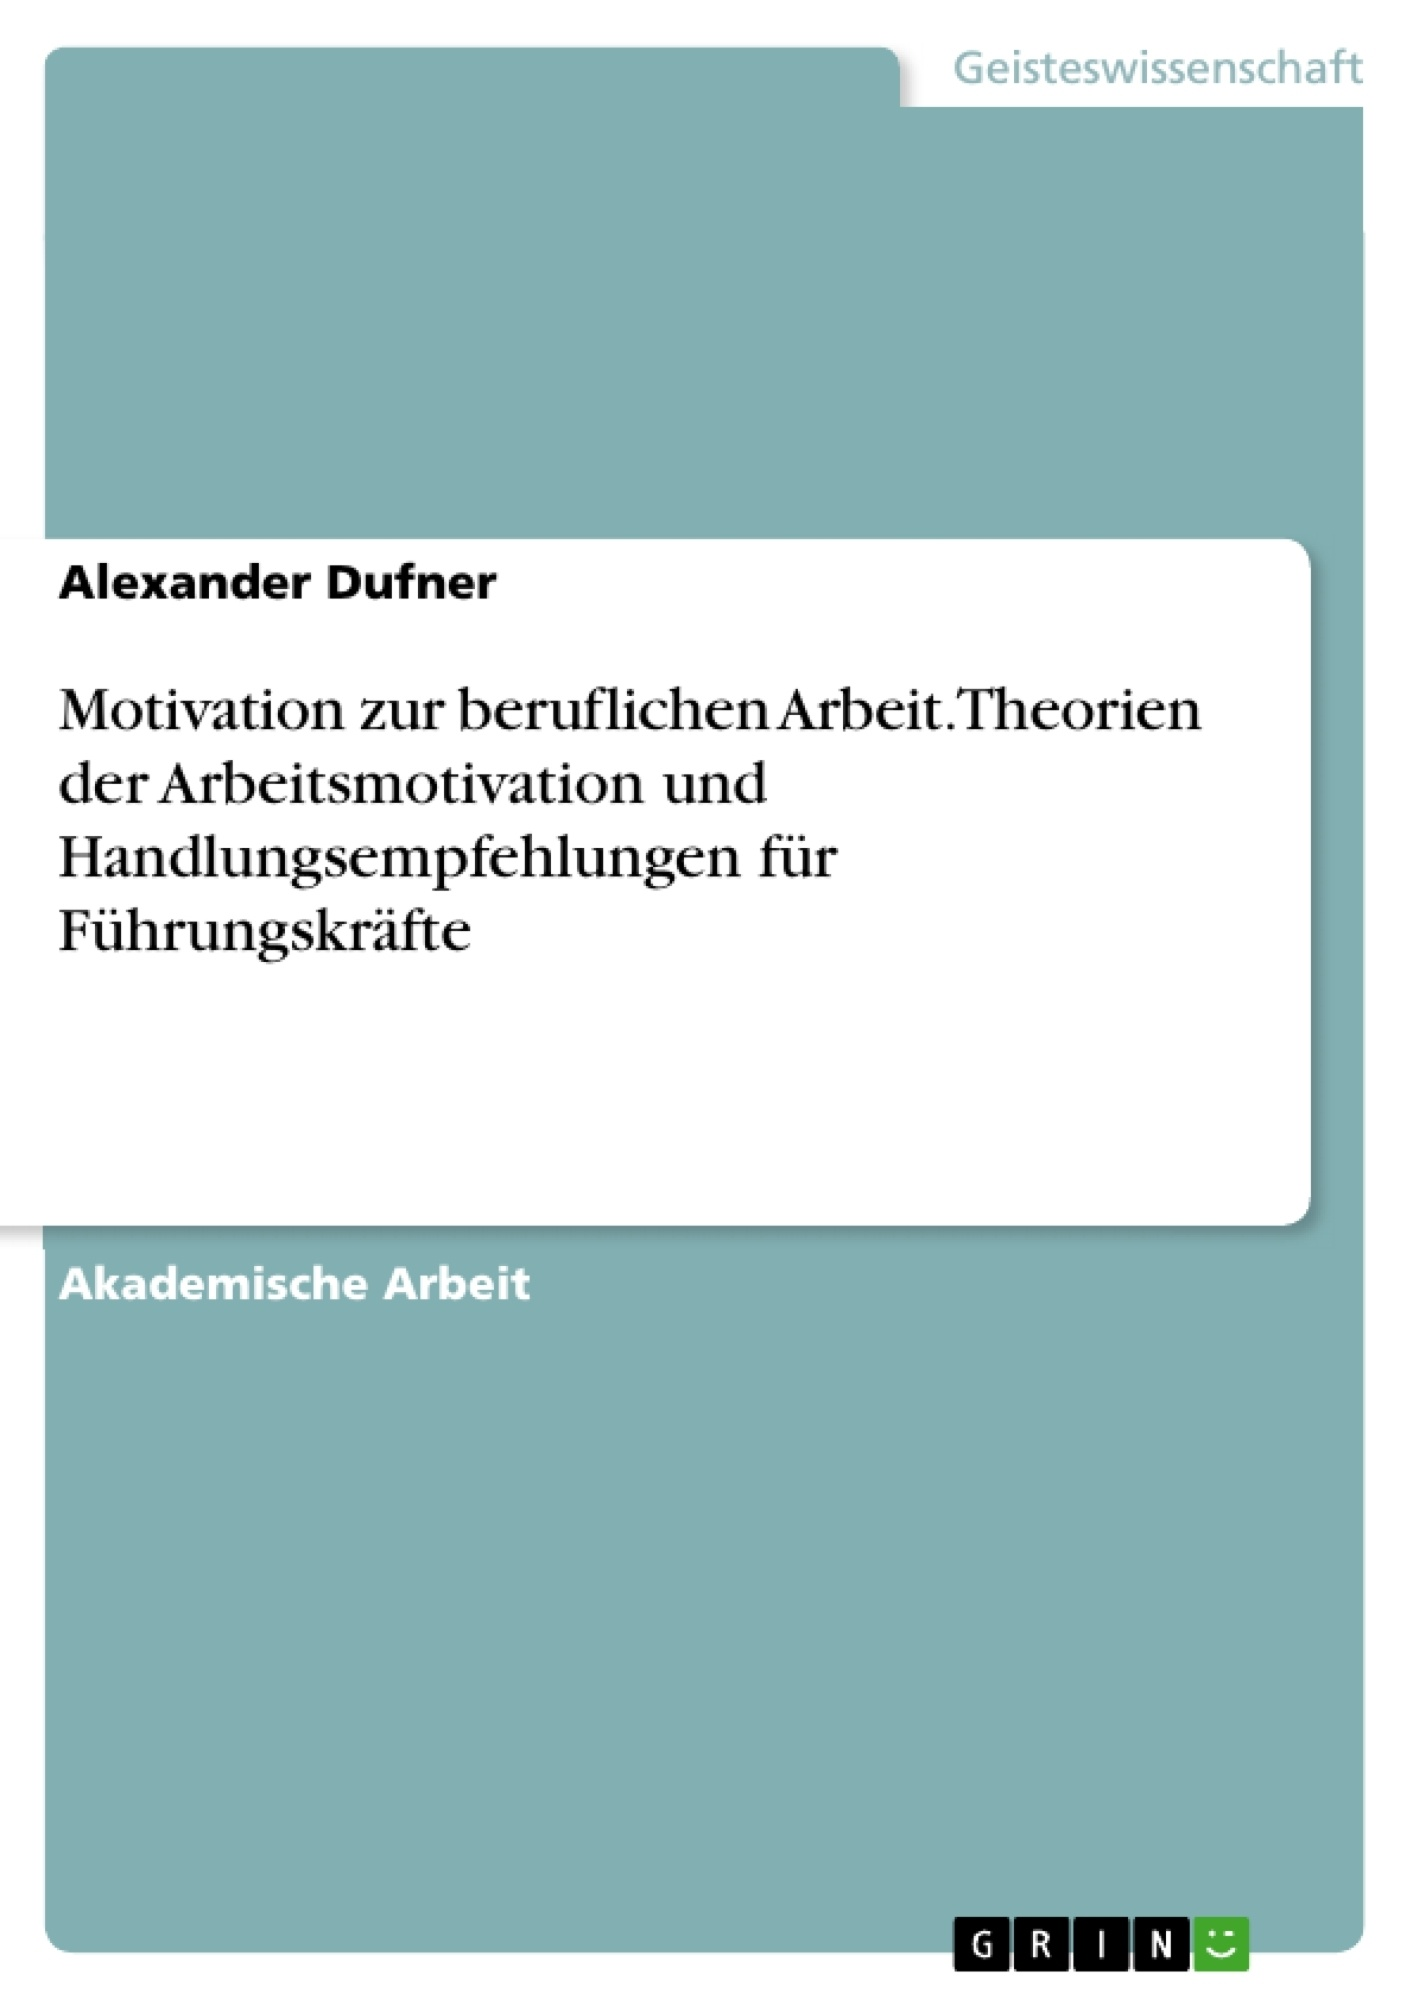 Titel: Motivation zur beruflichen Arbeit. Theorien der Arbeitsmotivation und Handlungsempfehlungen für Führungskräfte